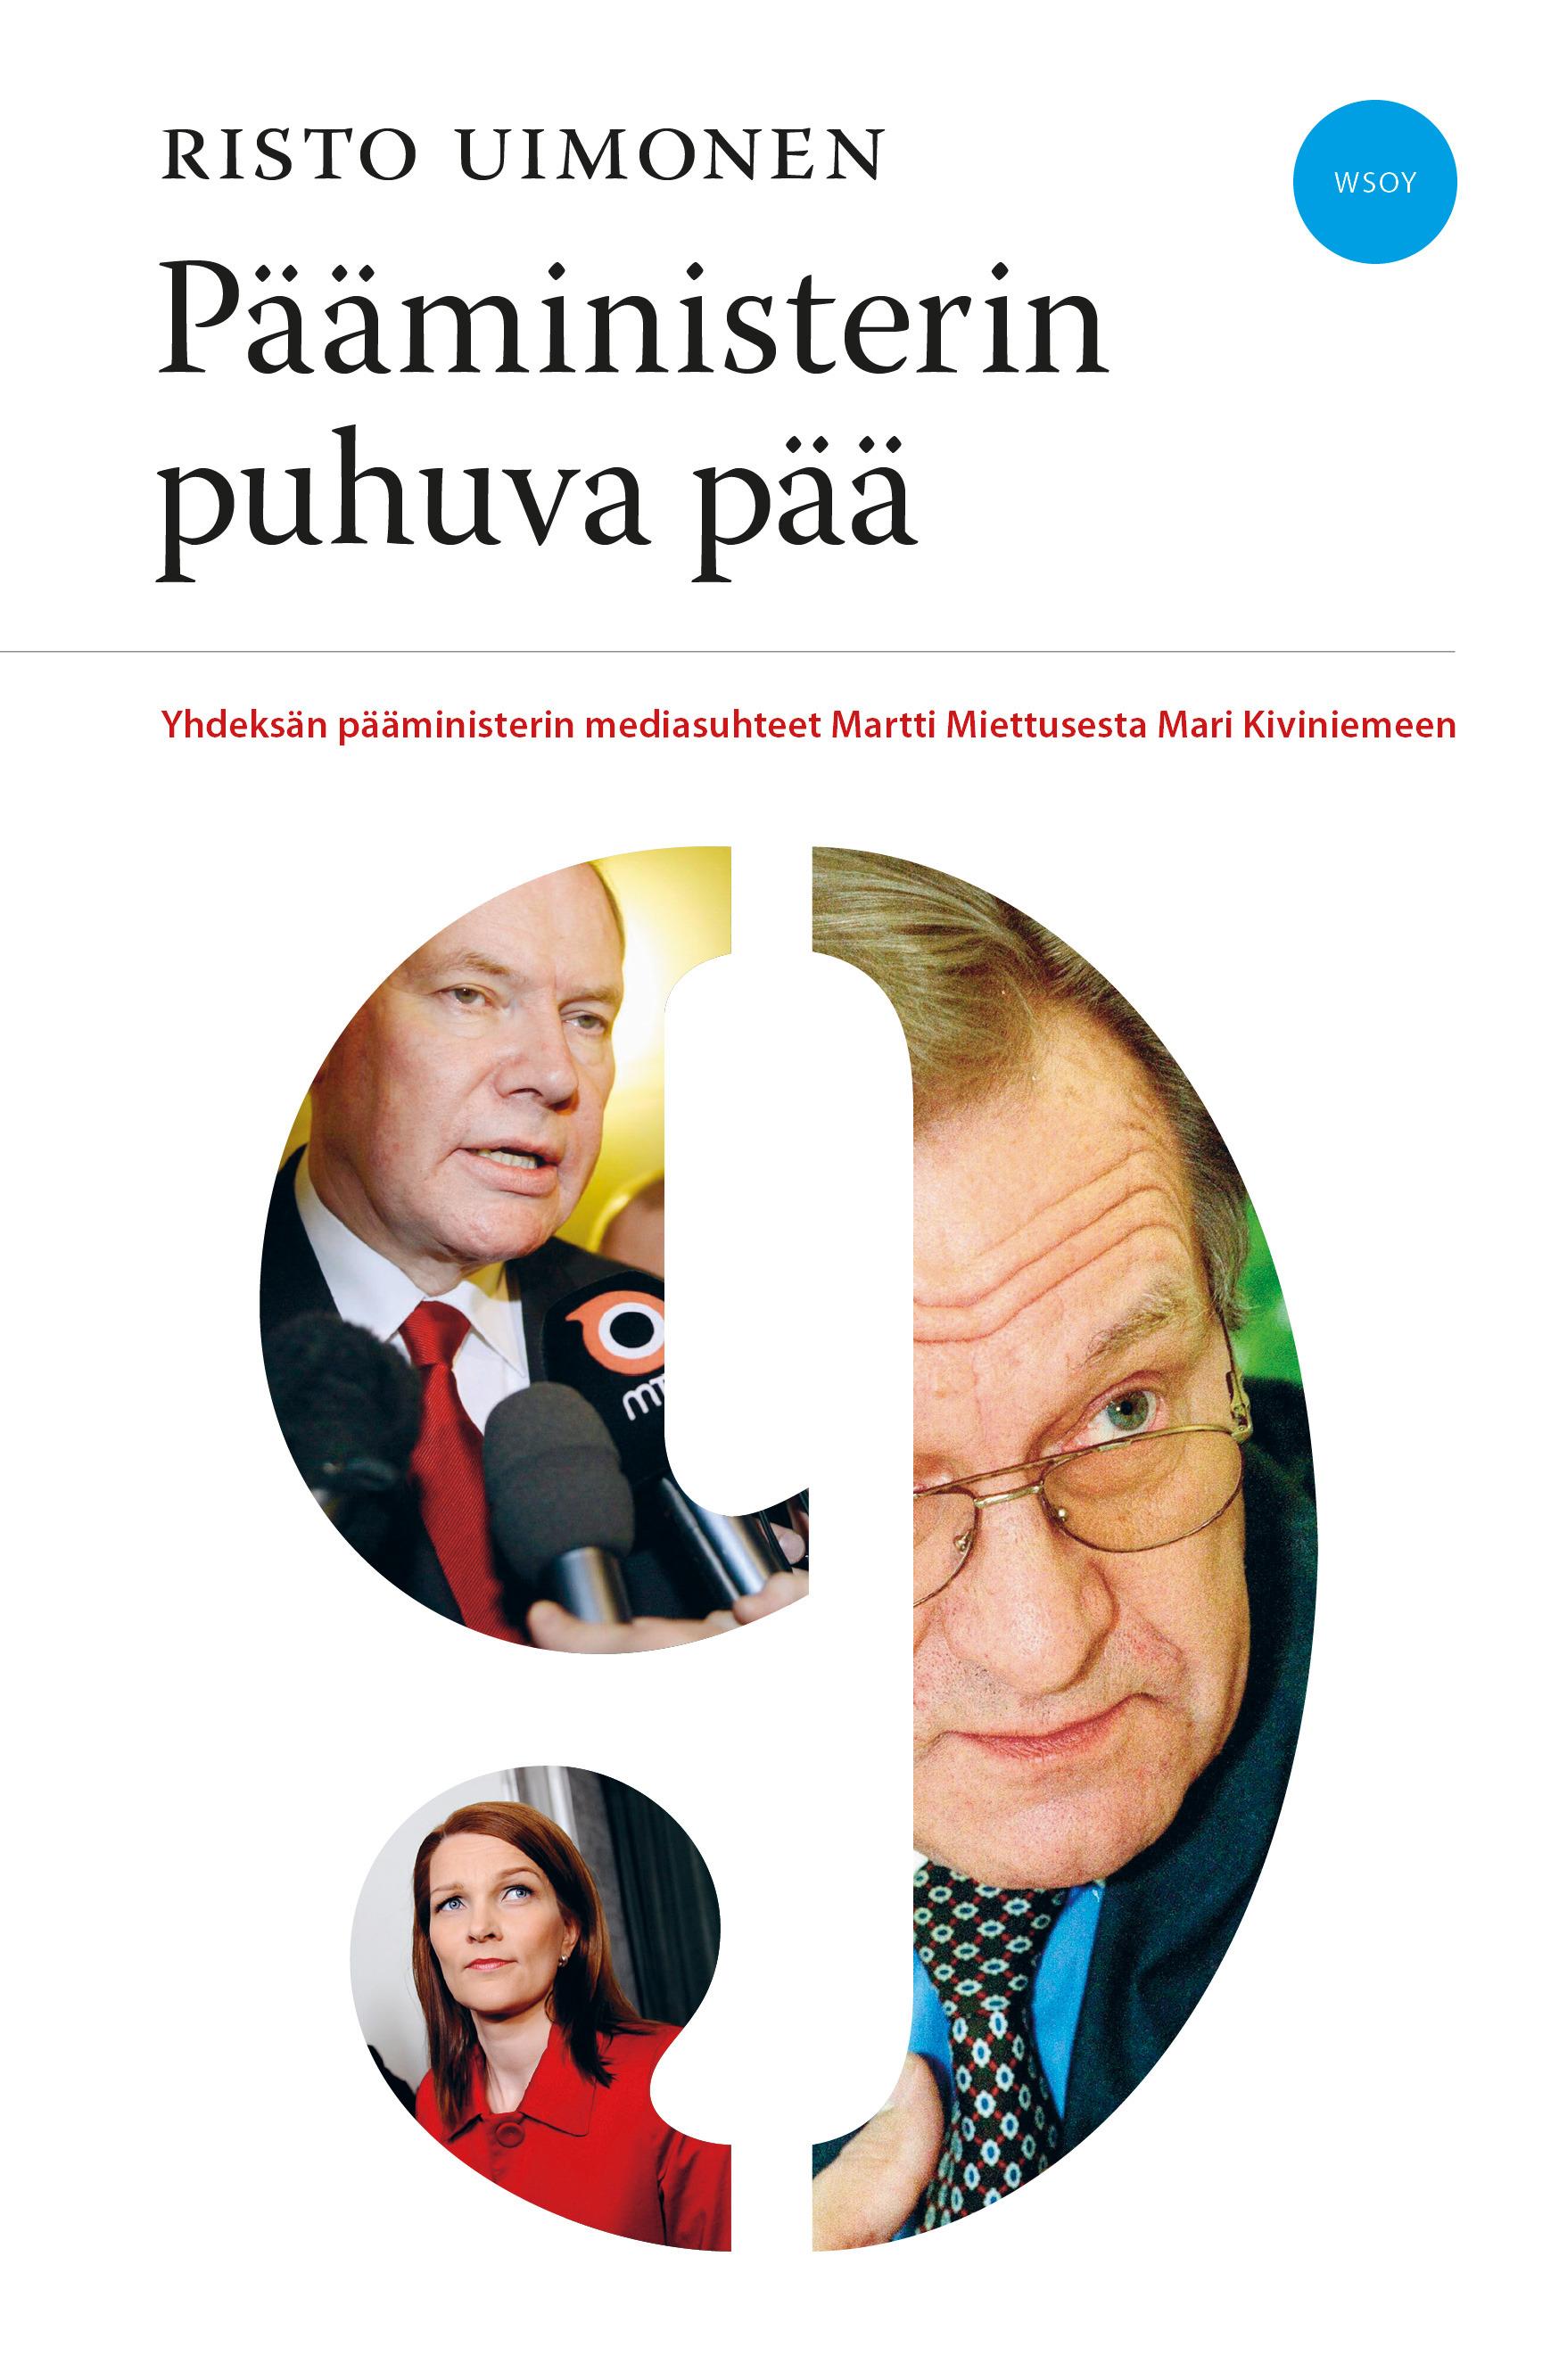 Uimonen, Risto - Pääministerin puhuva pää, ebook